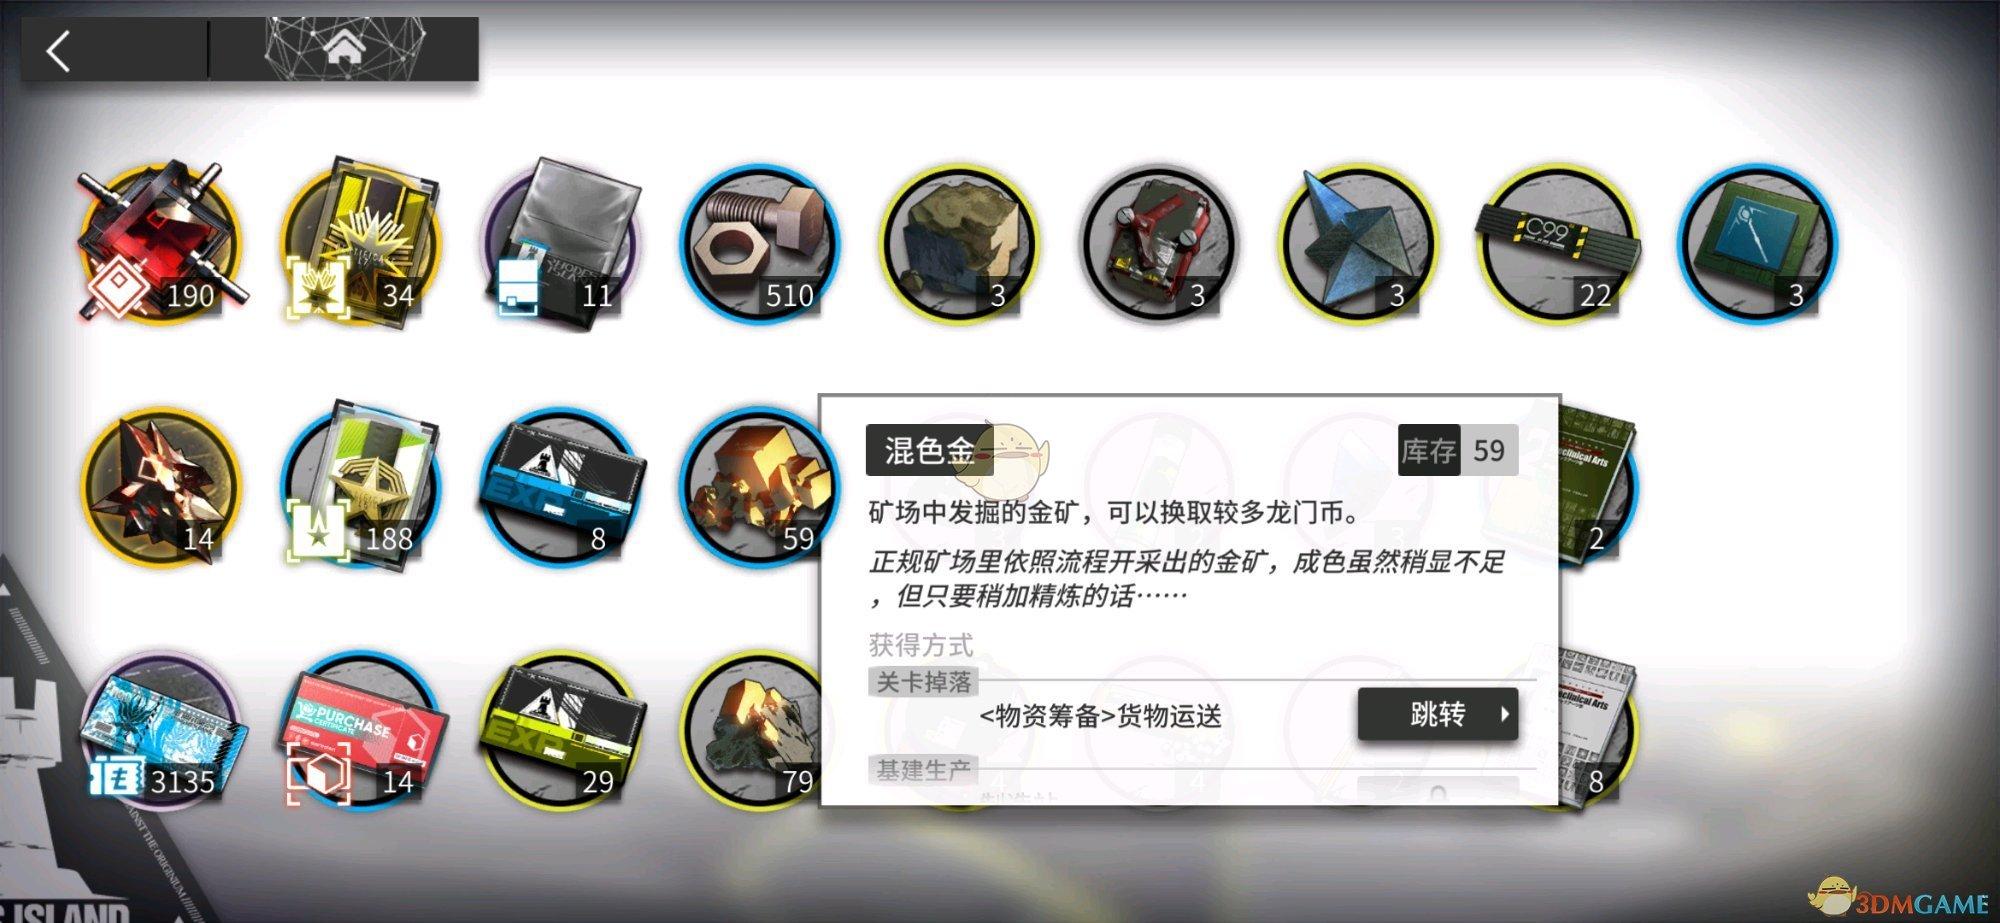 《明日方舟》怎么加速贵金属订单的完成速度